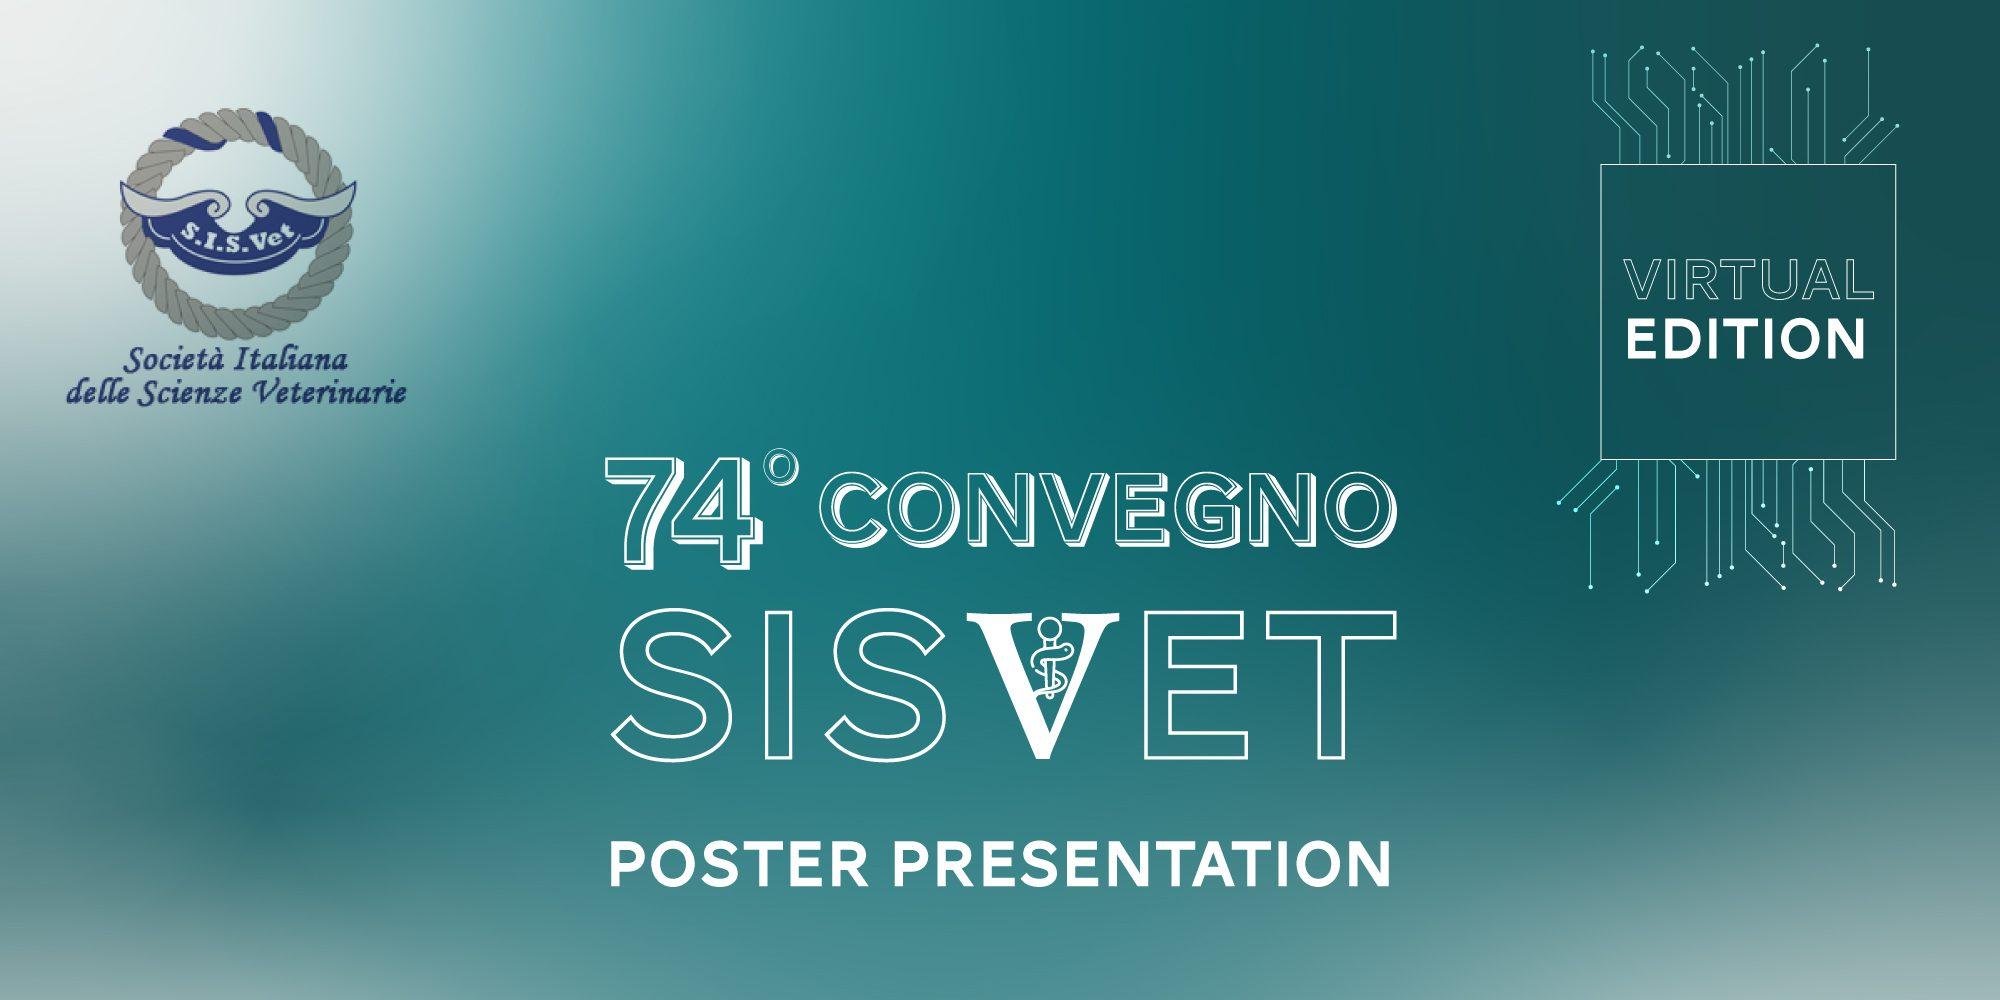 poster-presentation-sisvet